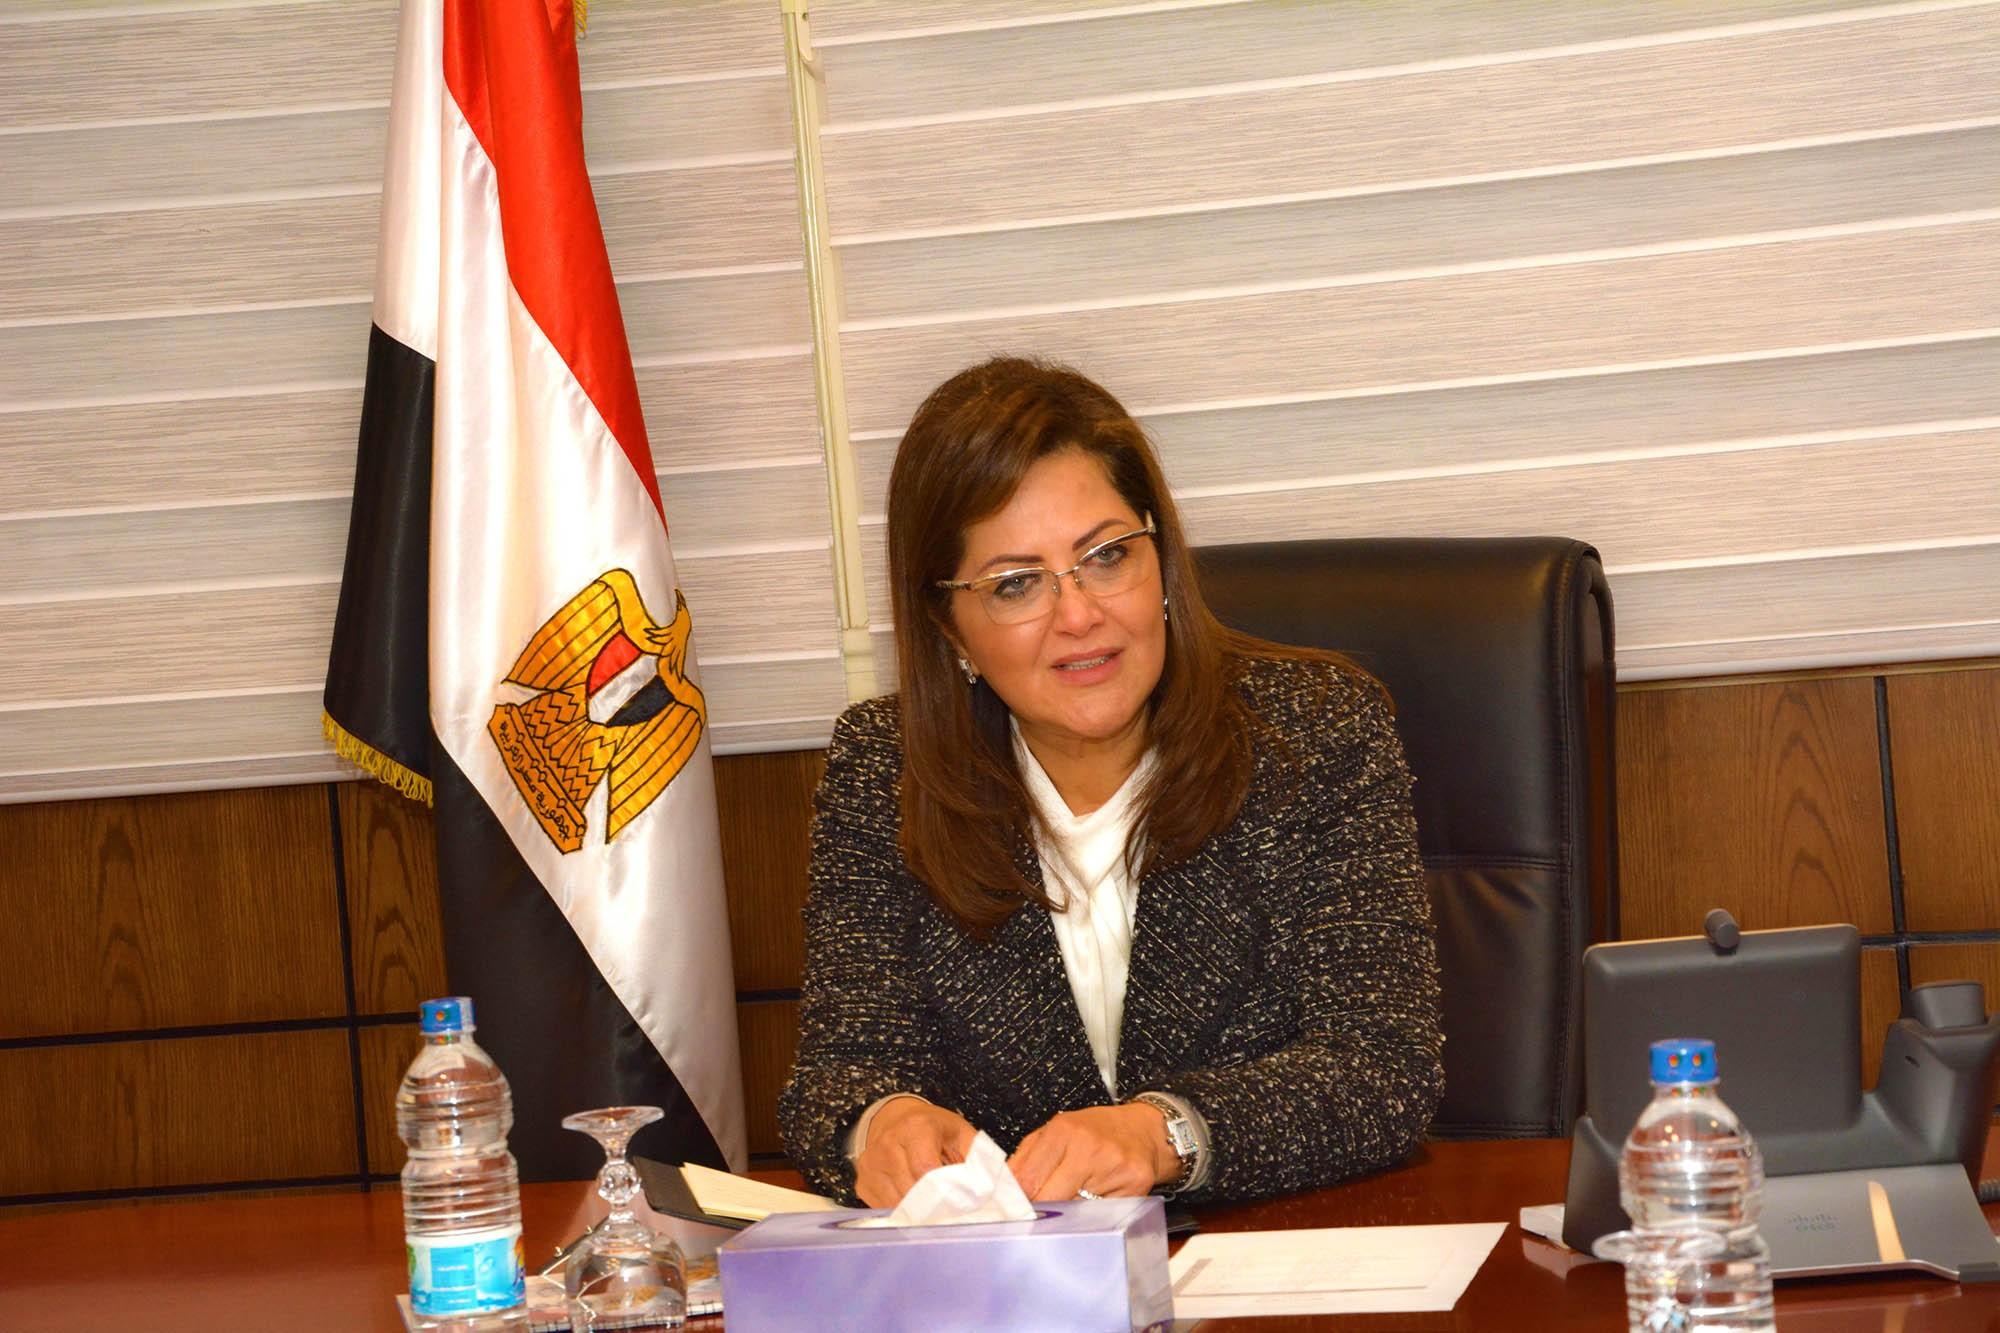 وزيرة التخطيط: الدولة تولى اهتماما بتنشيط سوق المال